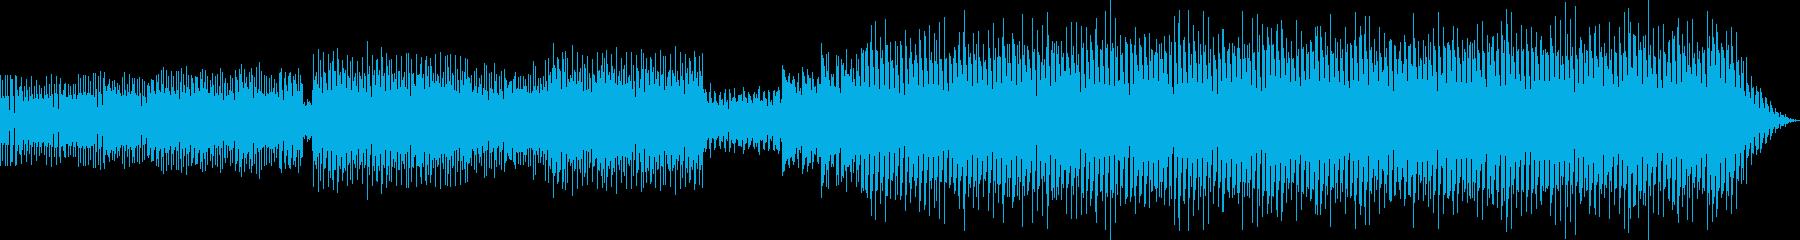 中近東風ハウスミュージックの再生済みの波形